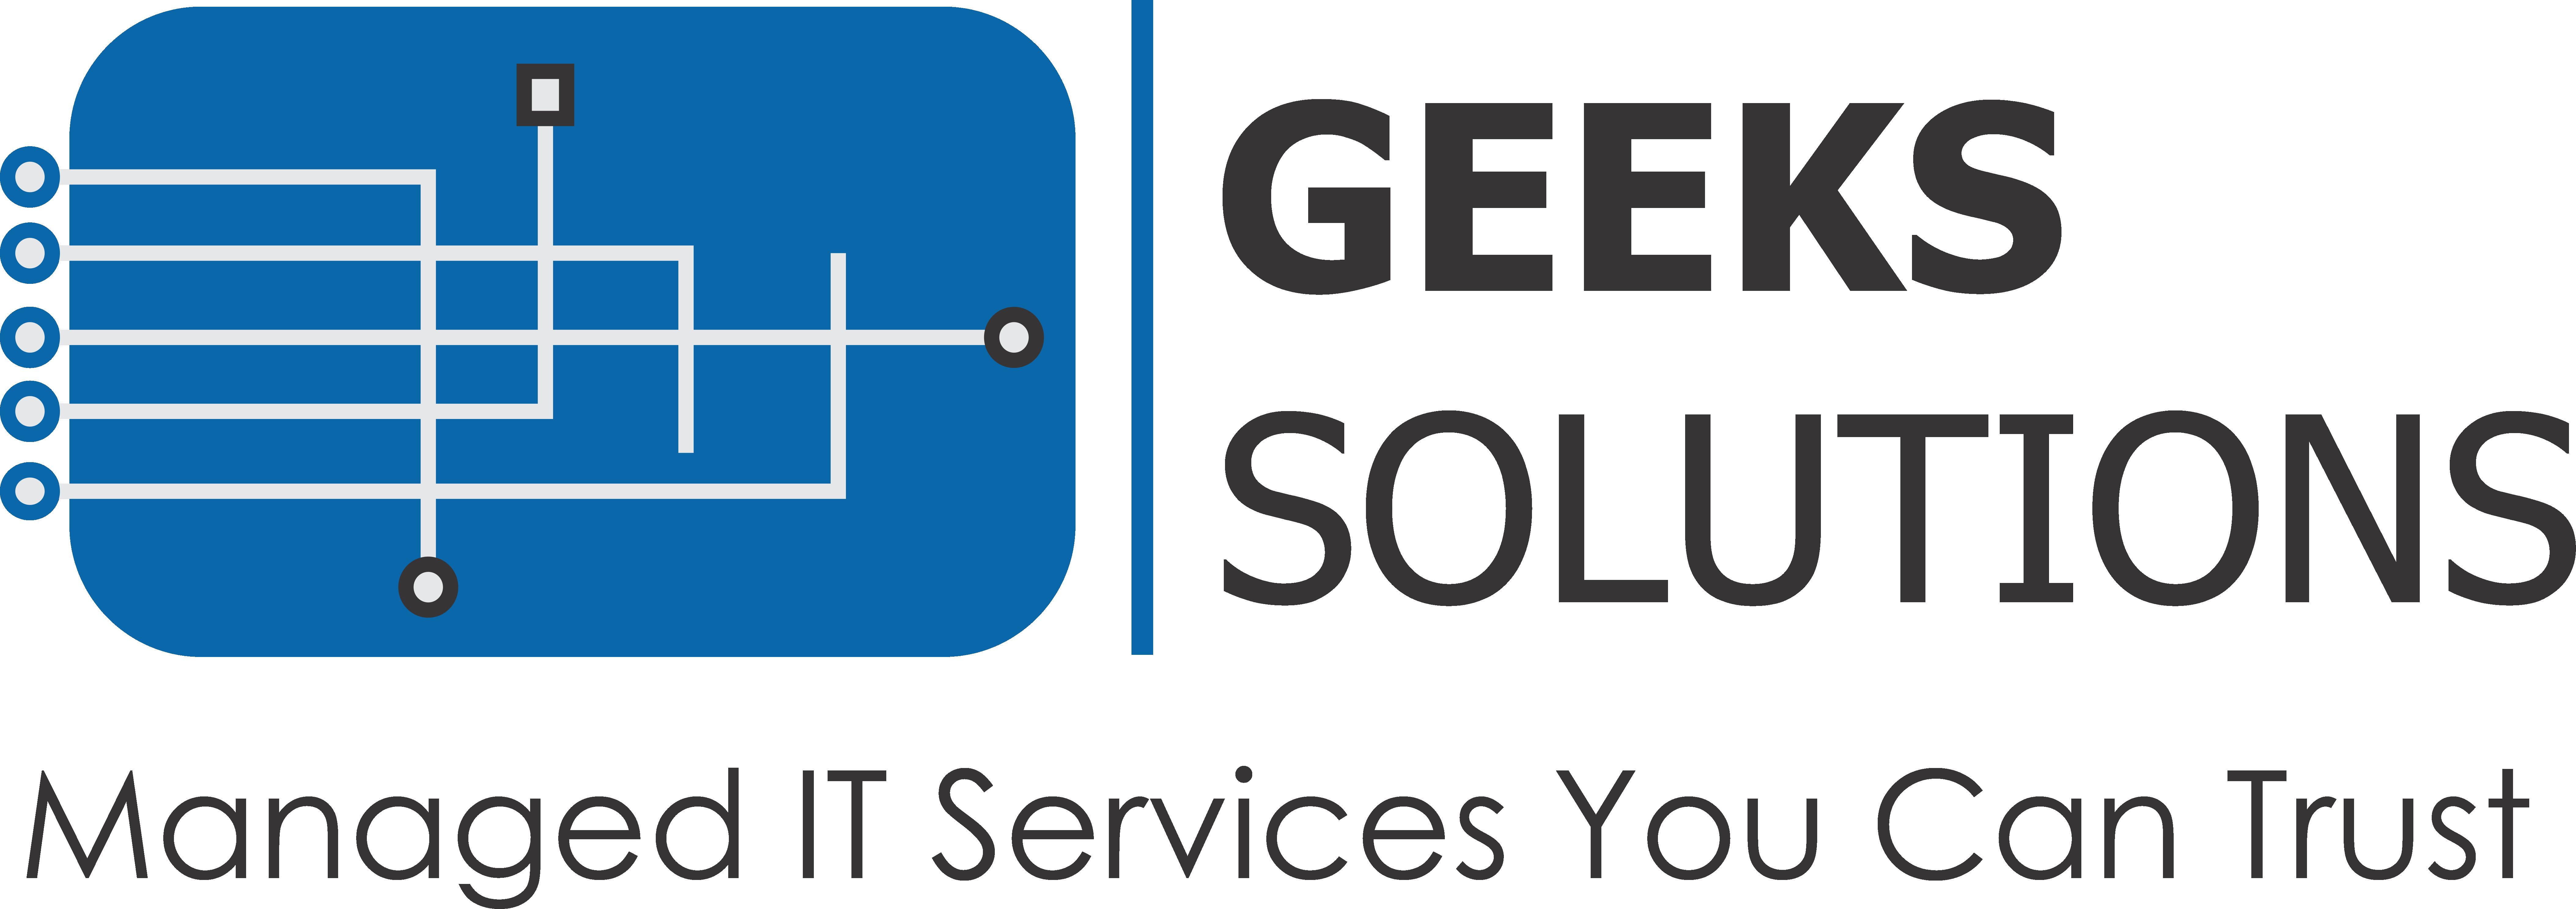 Geeks Solutions | Blog